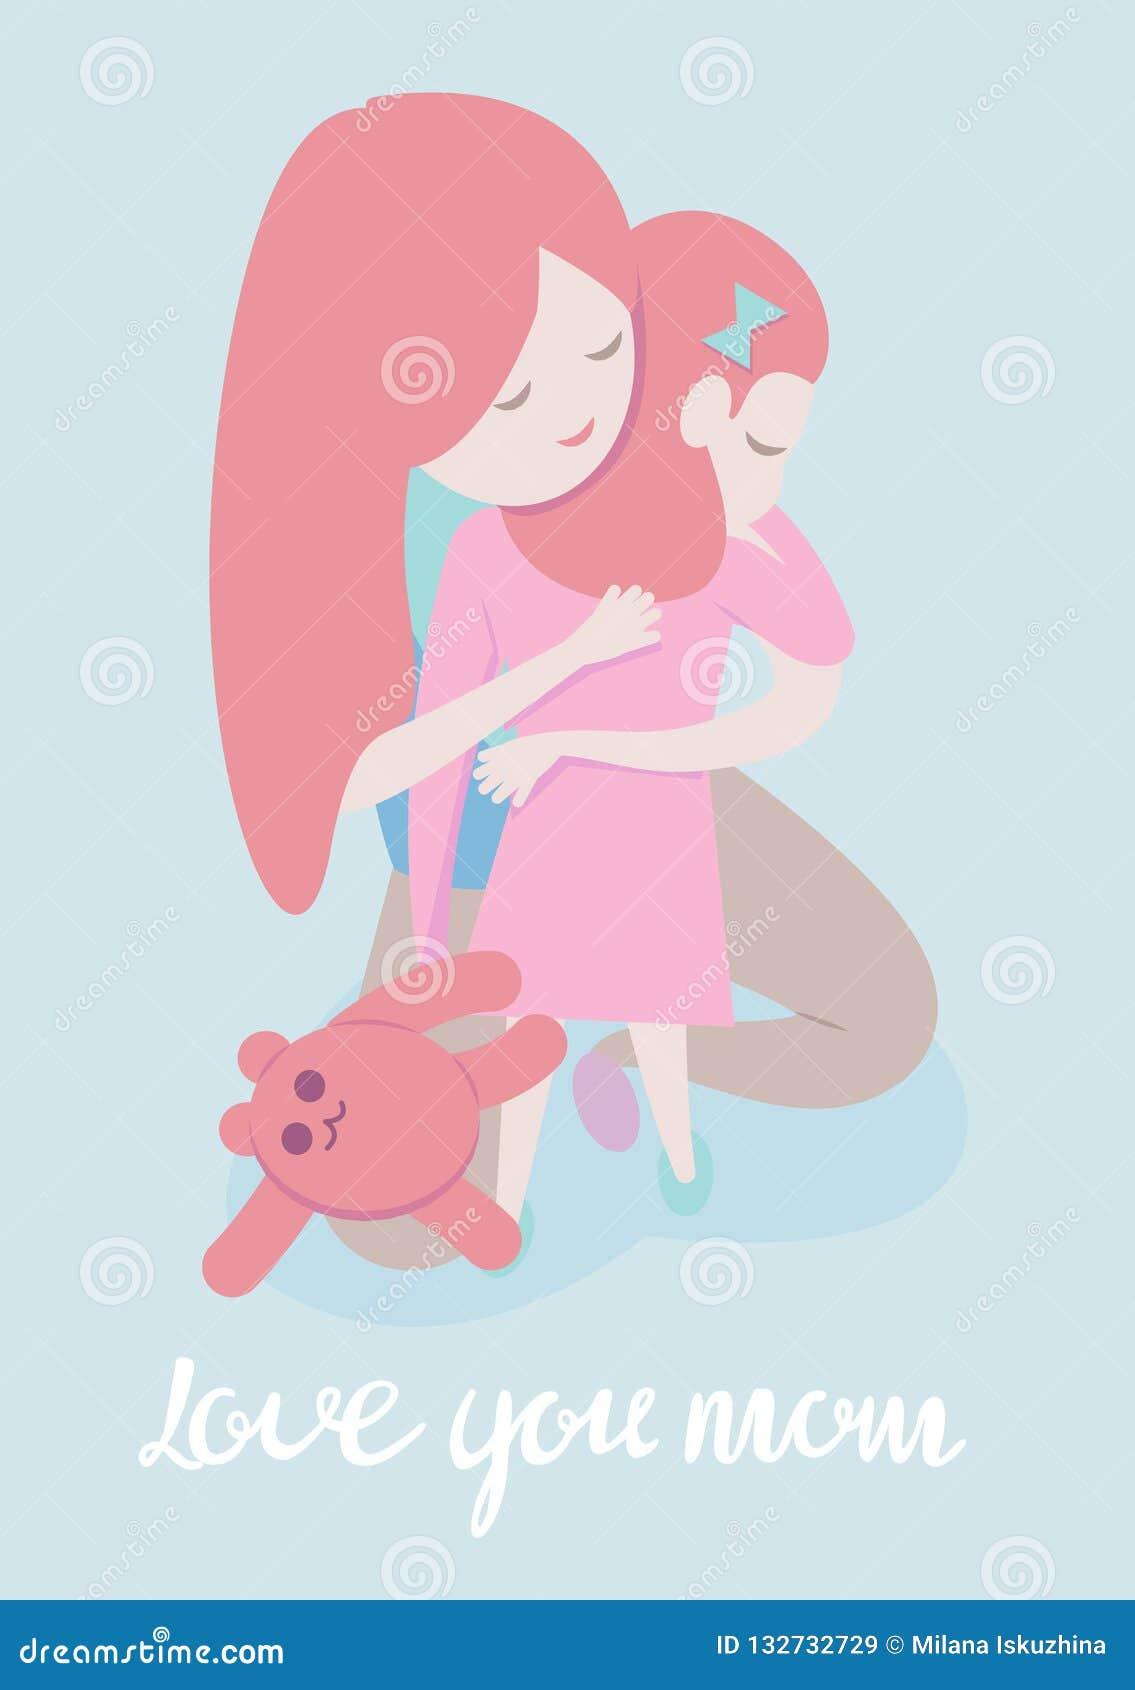 Ilustração do estilo dos desenhos animados do vetor da mãe que abraça a filha Molde do cartão do dia de mãe no fundo azul